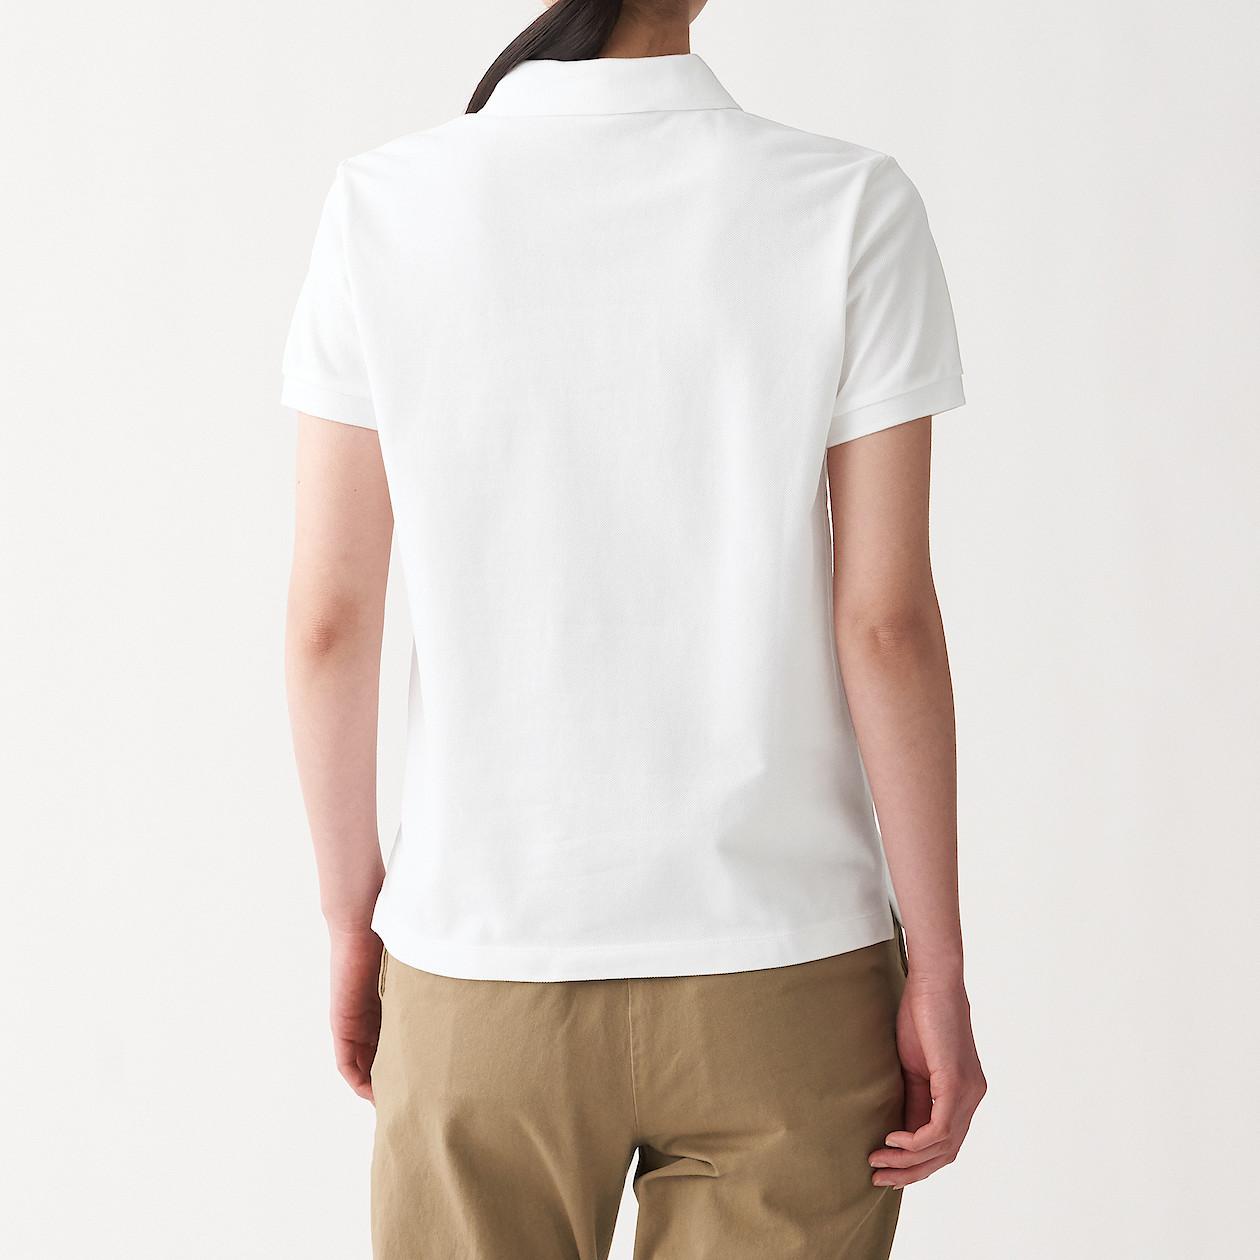 良品 ポロシャツ 無印